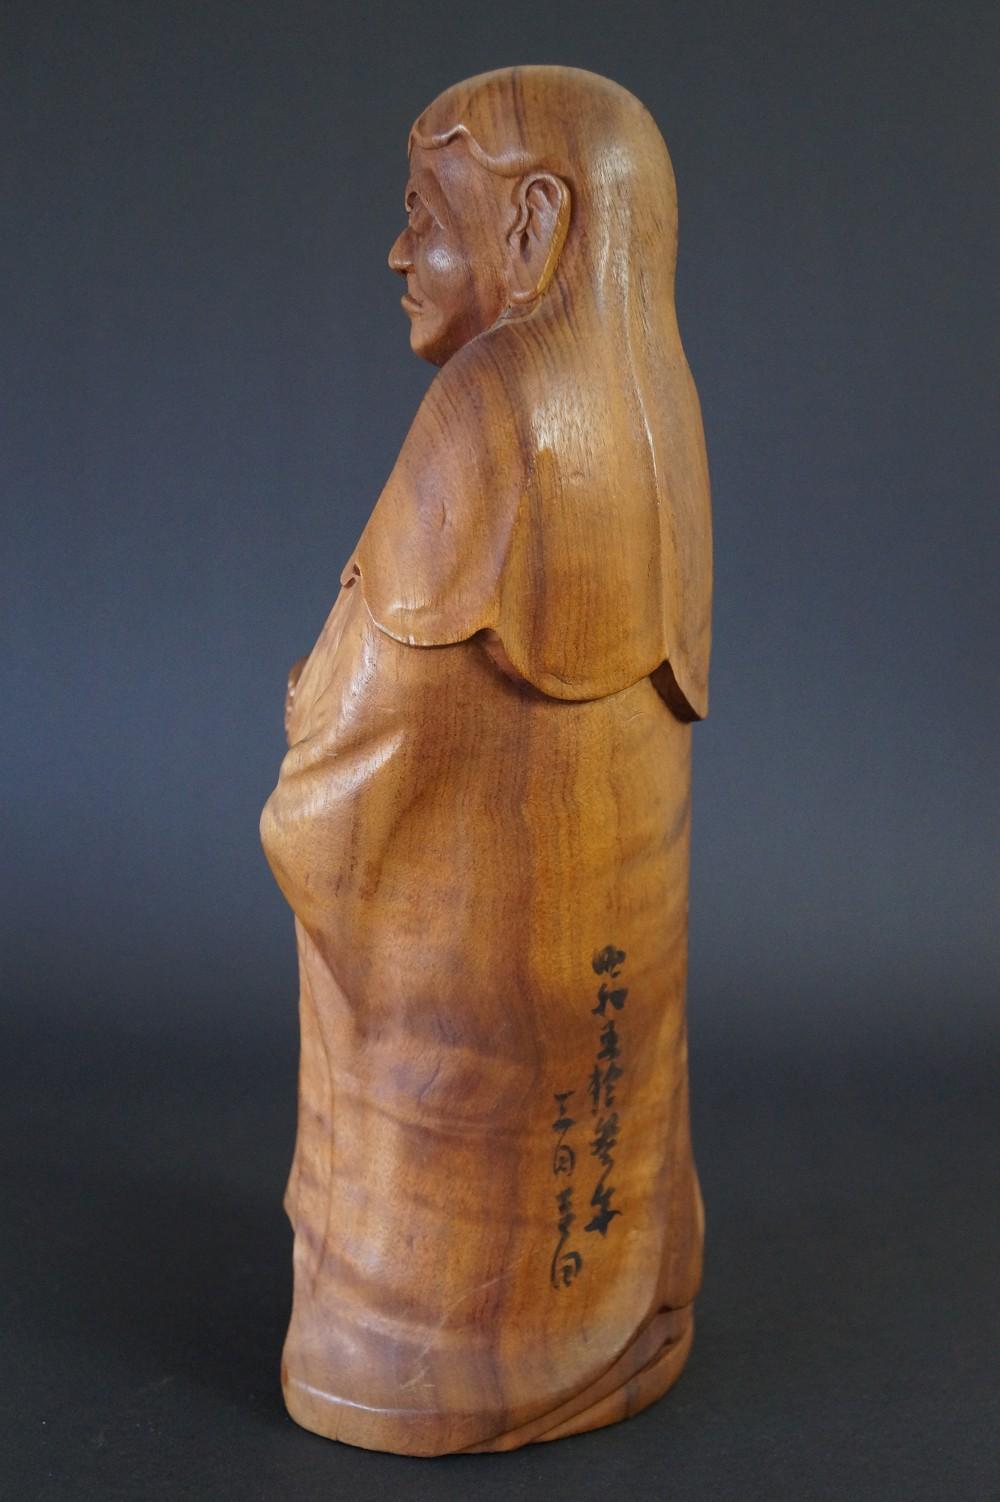 Japanische Bodhidharma (Daruma) Figur aus Holz